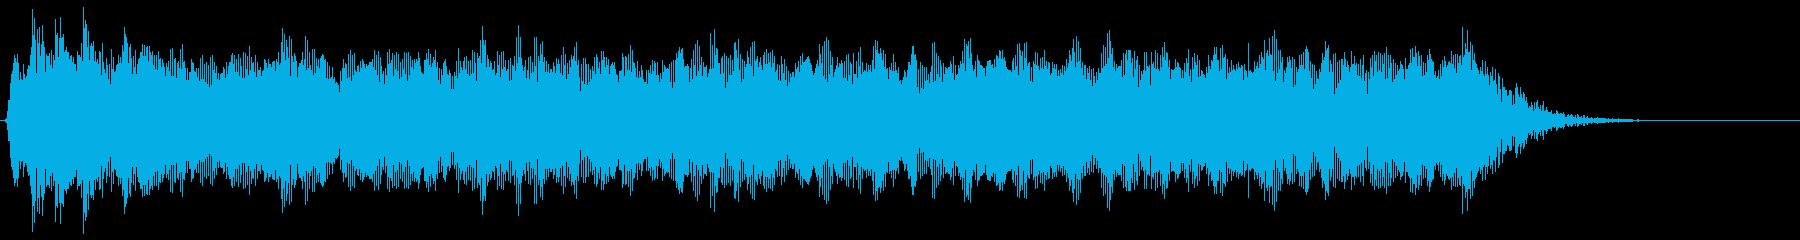 覚醒・起動「ブーン」#6の再生済みの波形